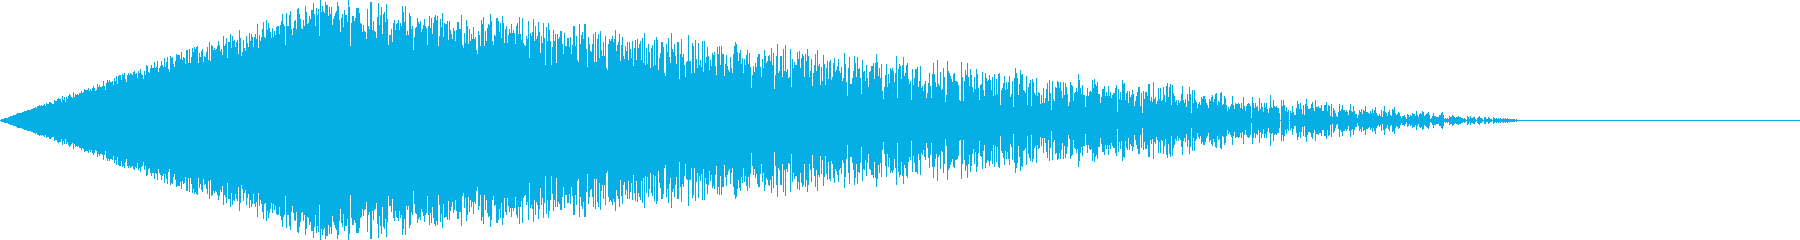 [シュワー]ワープ/高速移動/落下の再生済みの波形